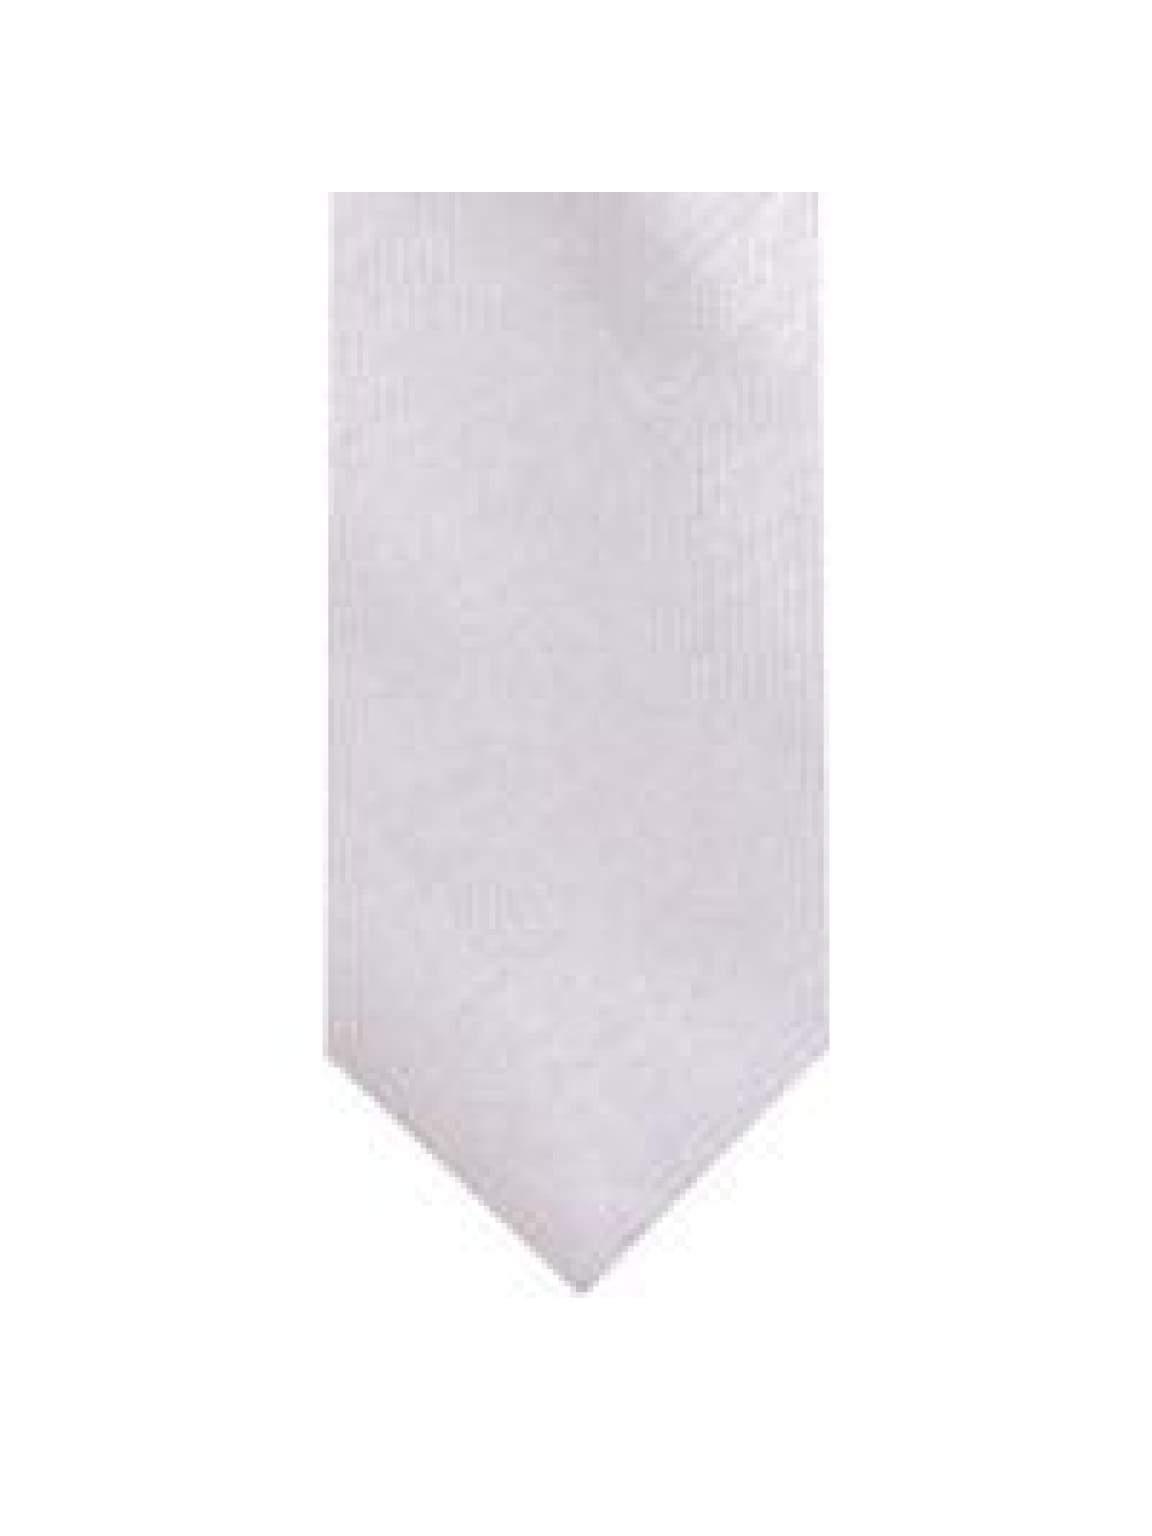 LA Smith Silver Skinny Shantung Tie - Accessories